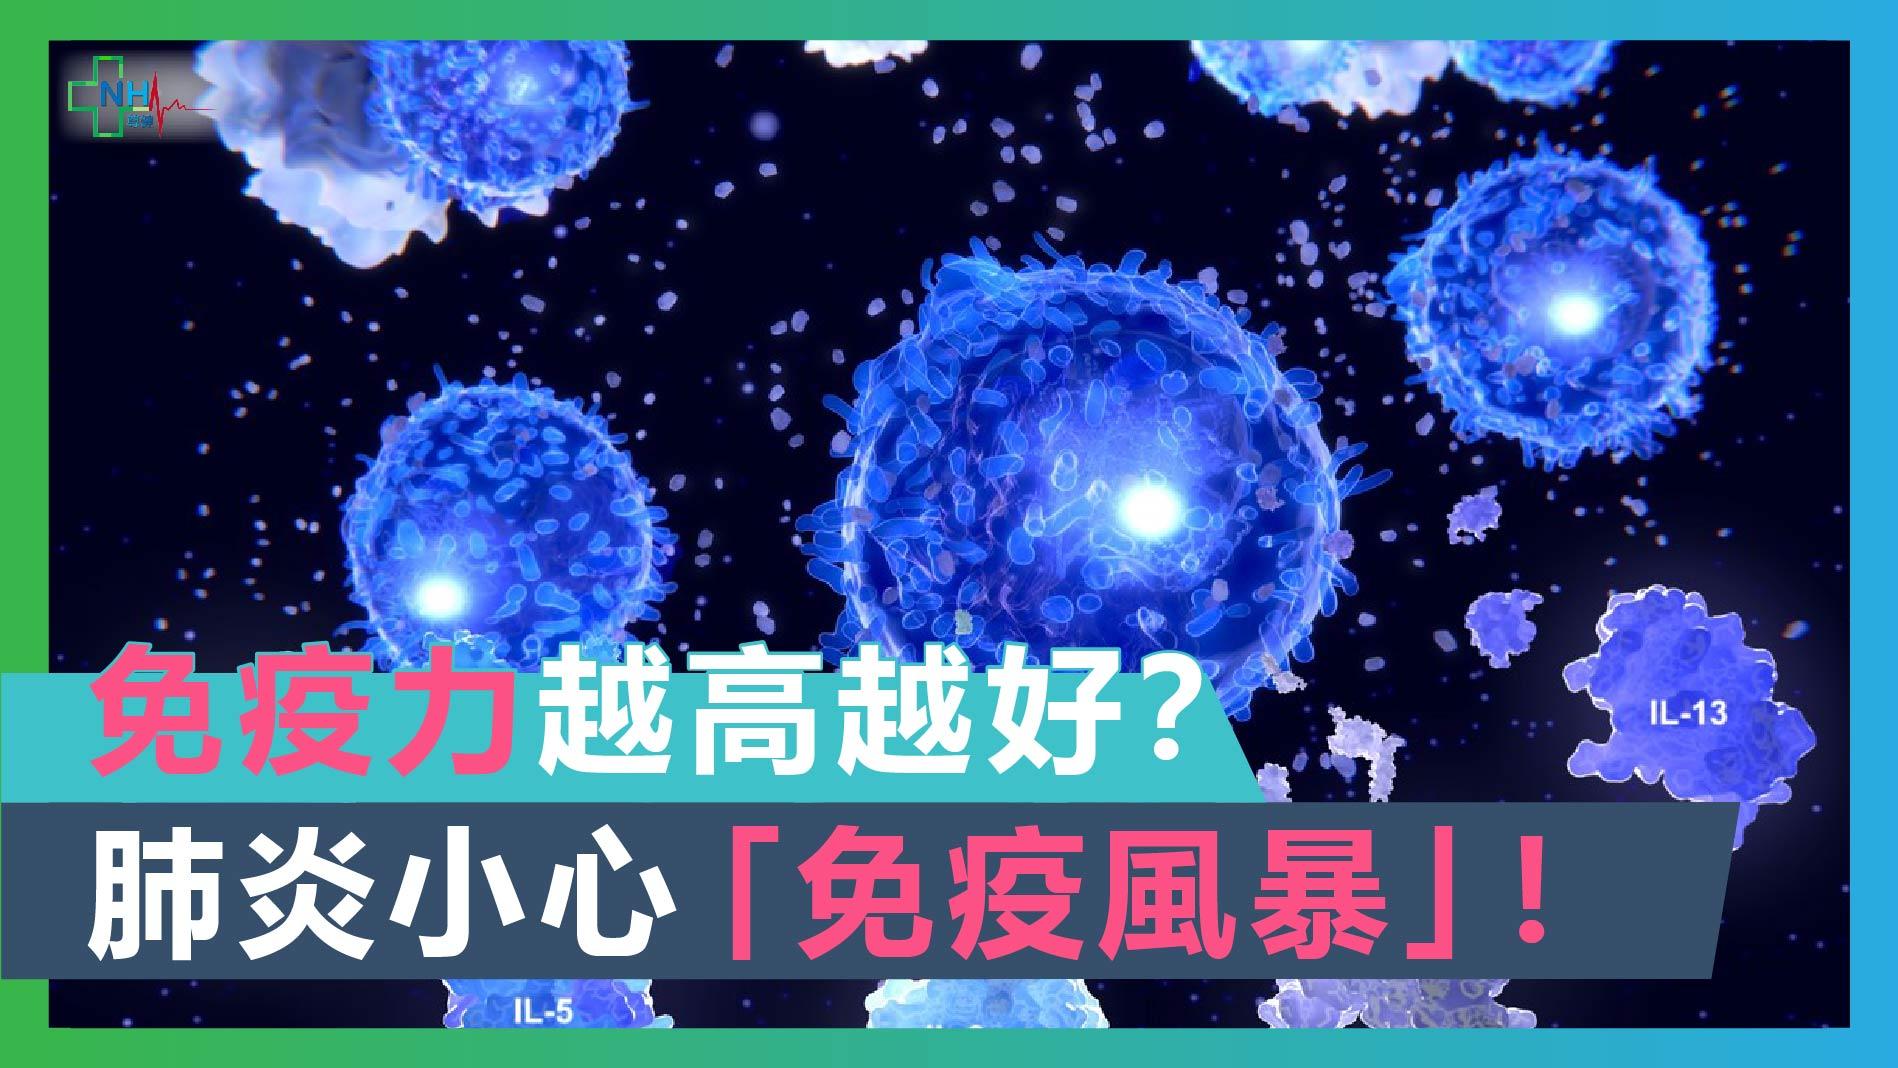 20200224-fb.jpg